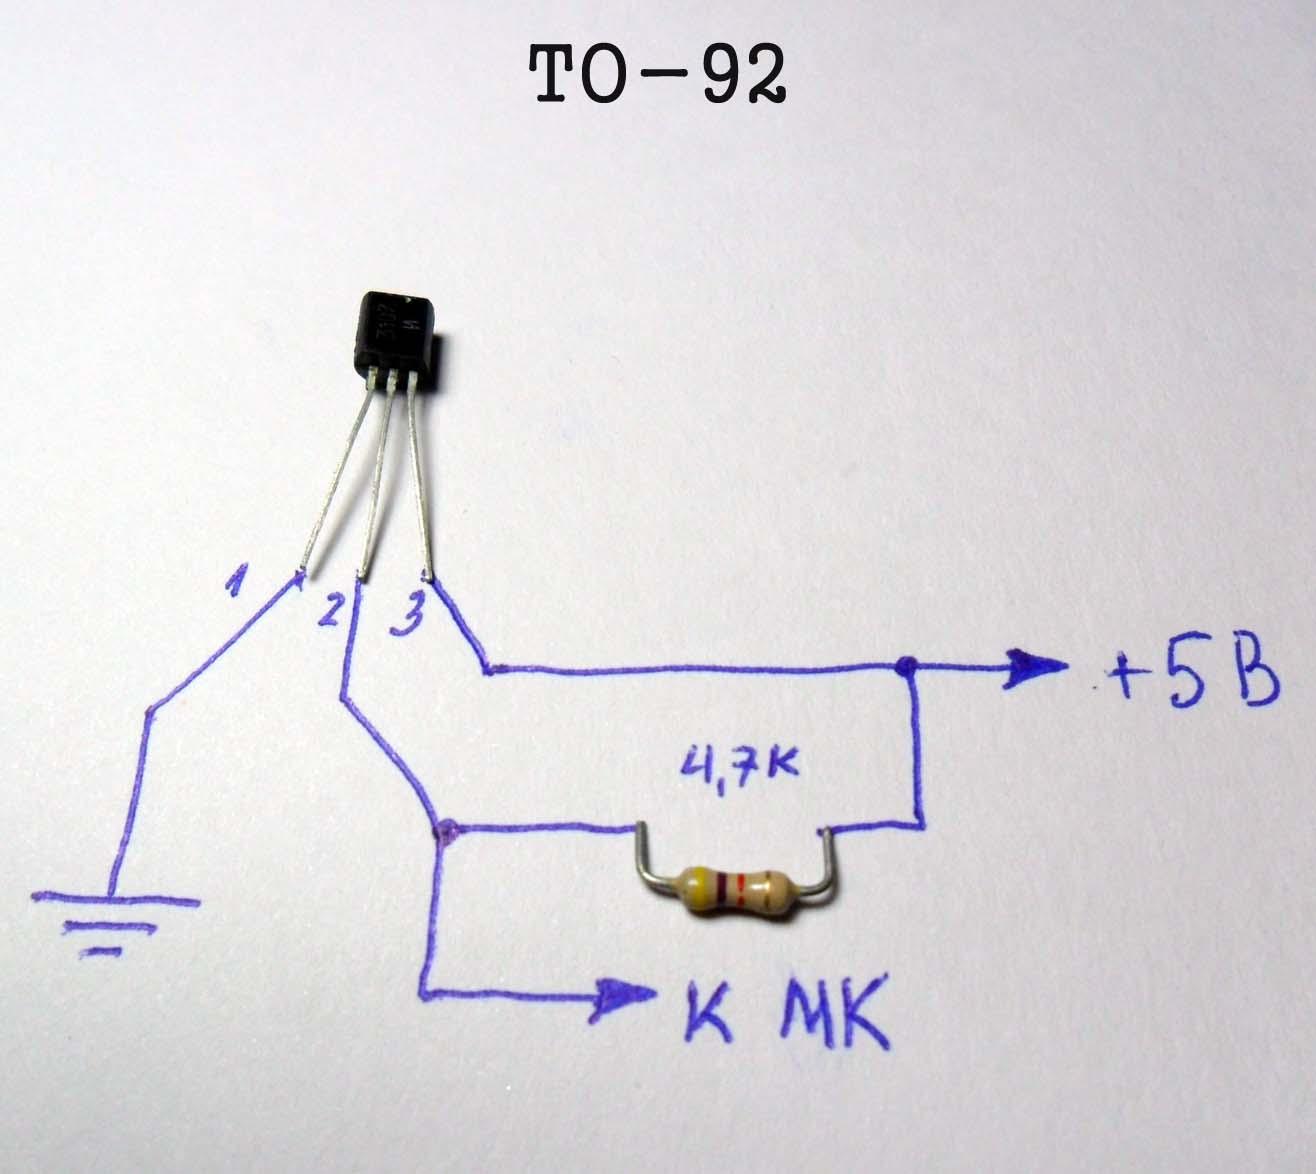 Подключение DS18B20 в корпусе TO-92